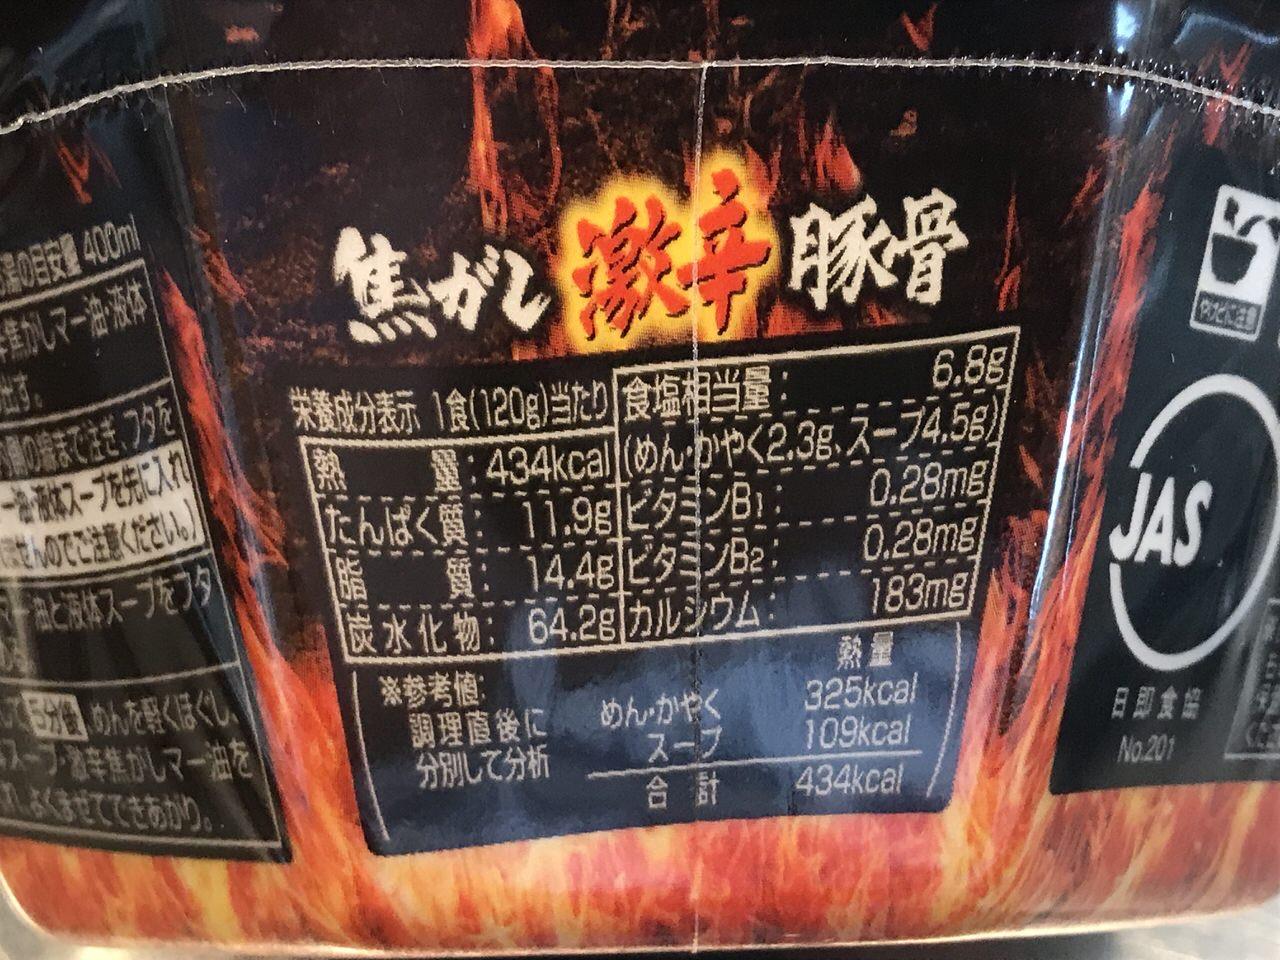 「日清ラ王 焦がし激辛豚骨」7